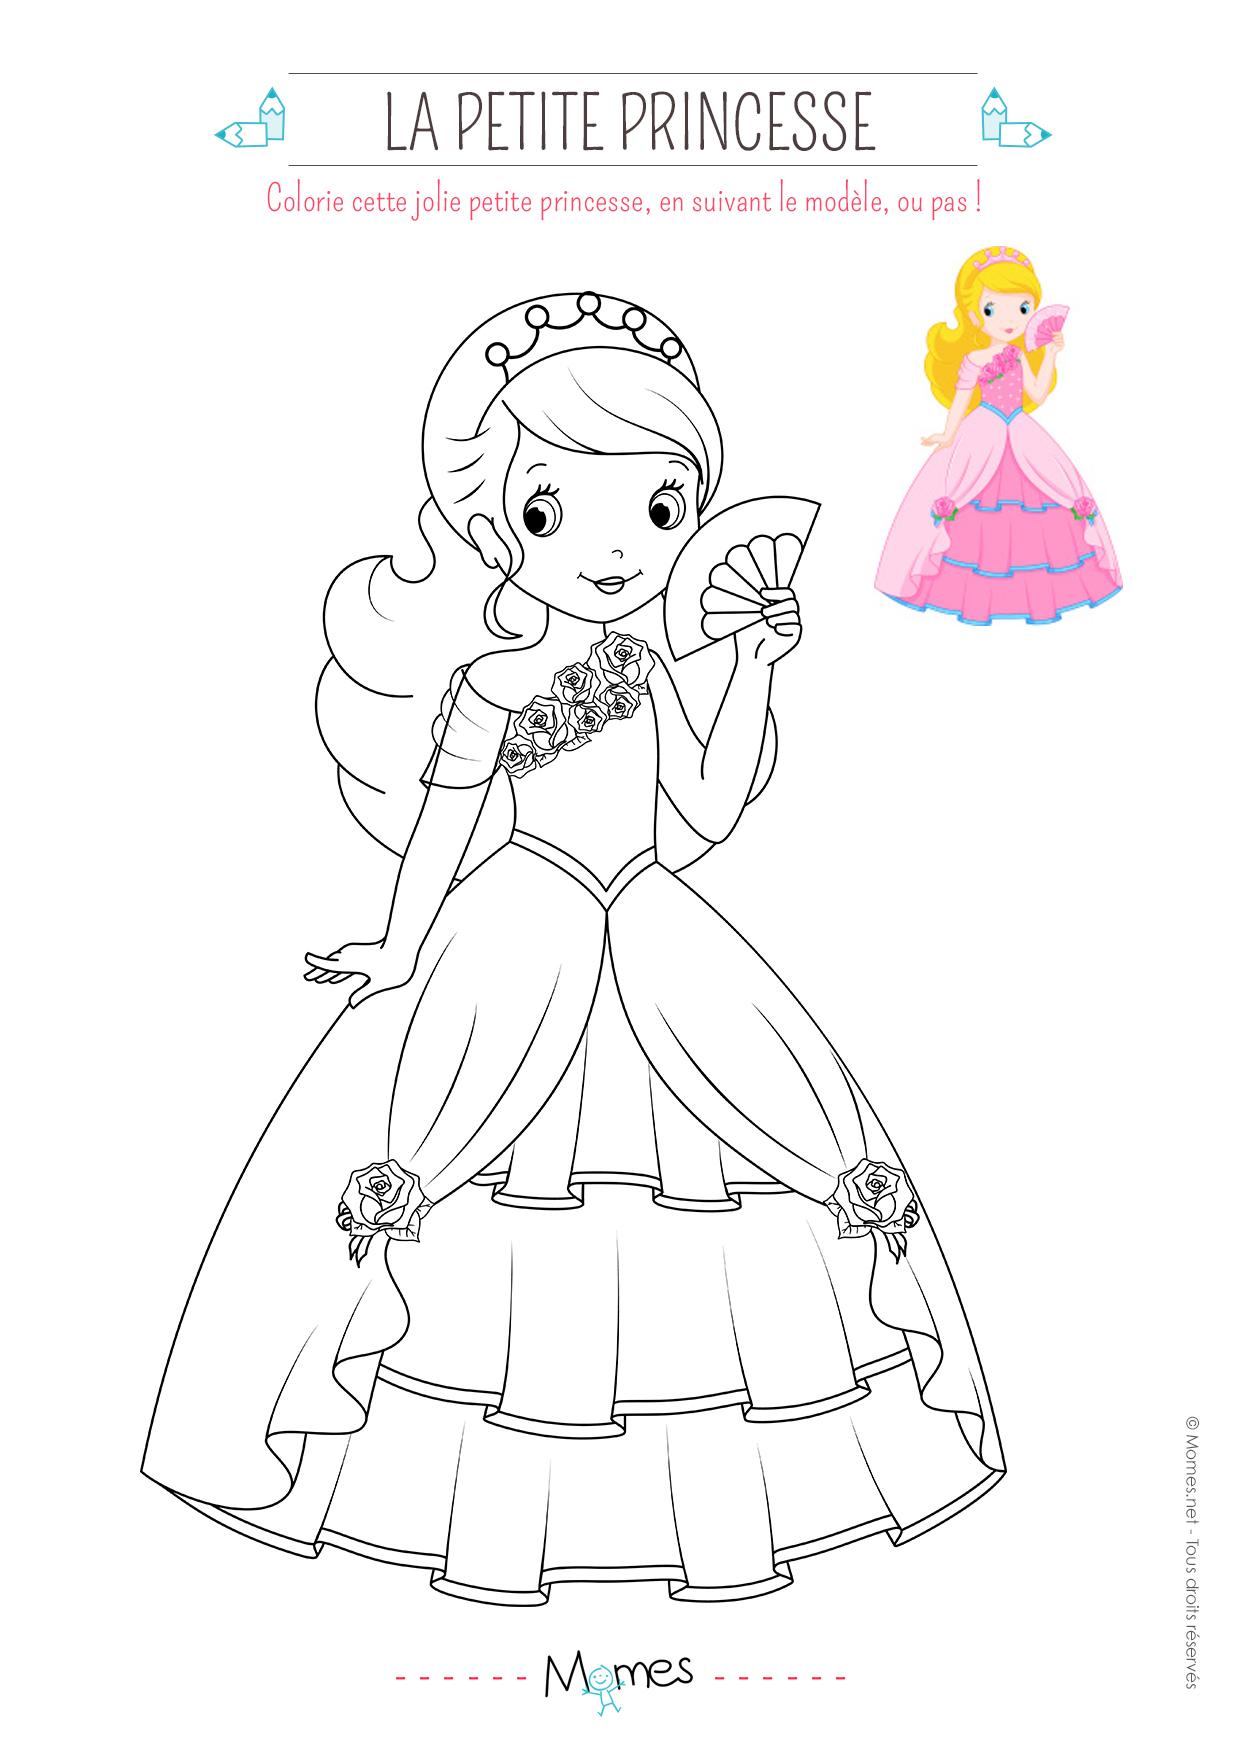 Coloriage De Princesse Avec Modèle - Momes tout Modèles De Dessins À Reproduire